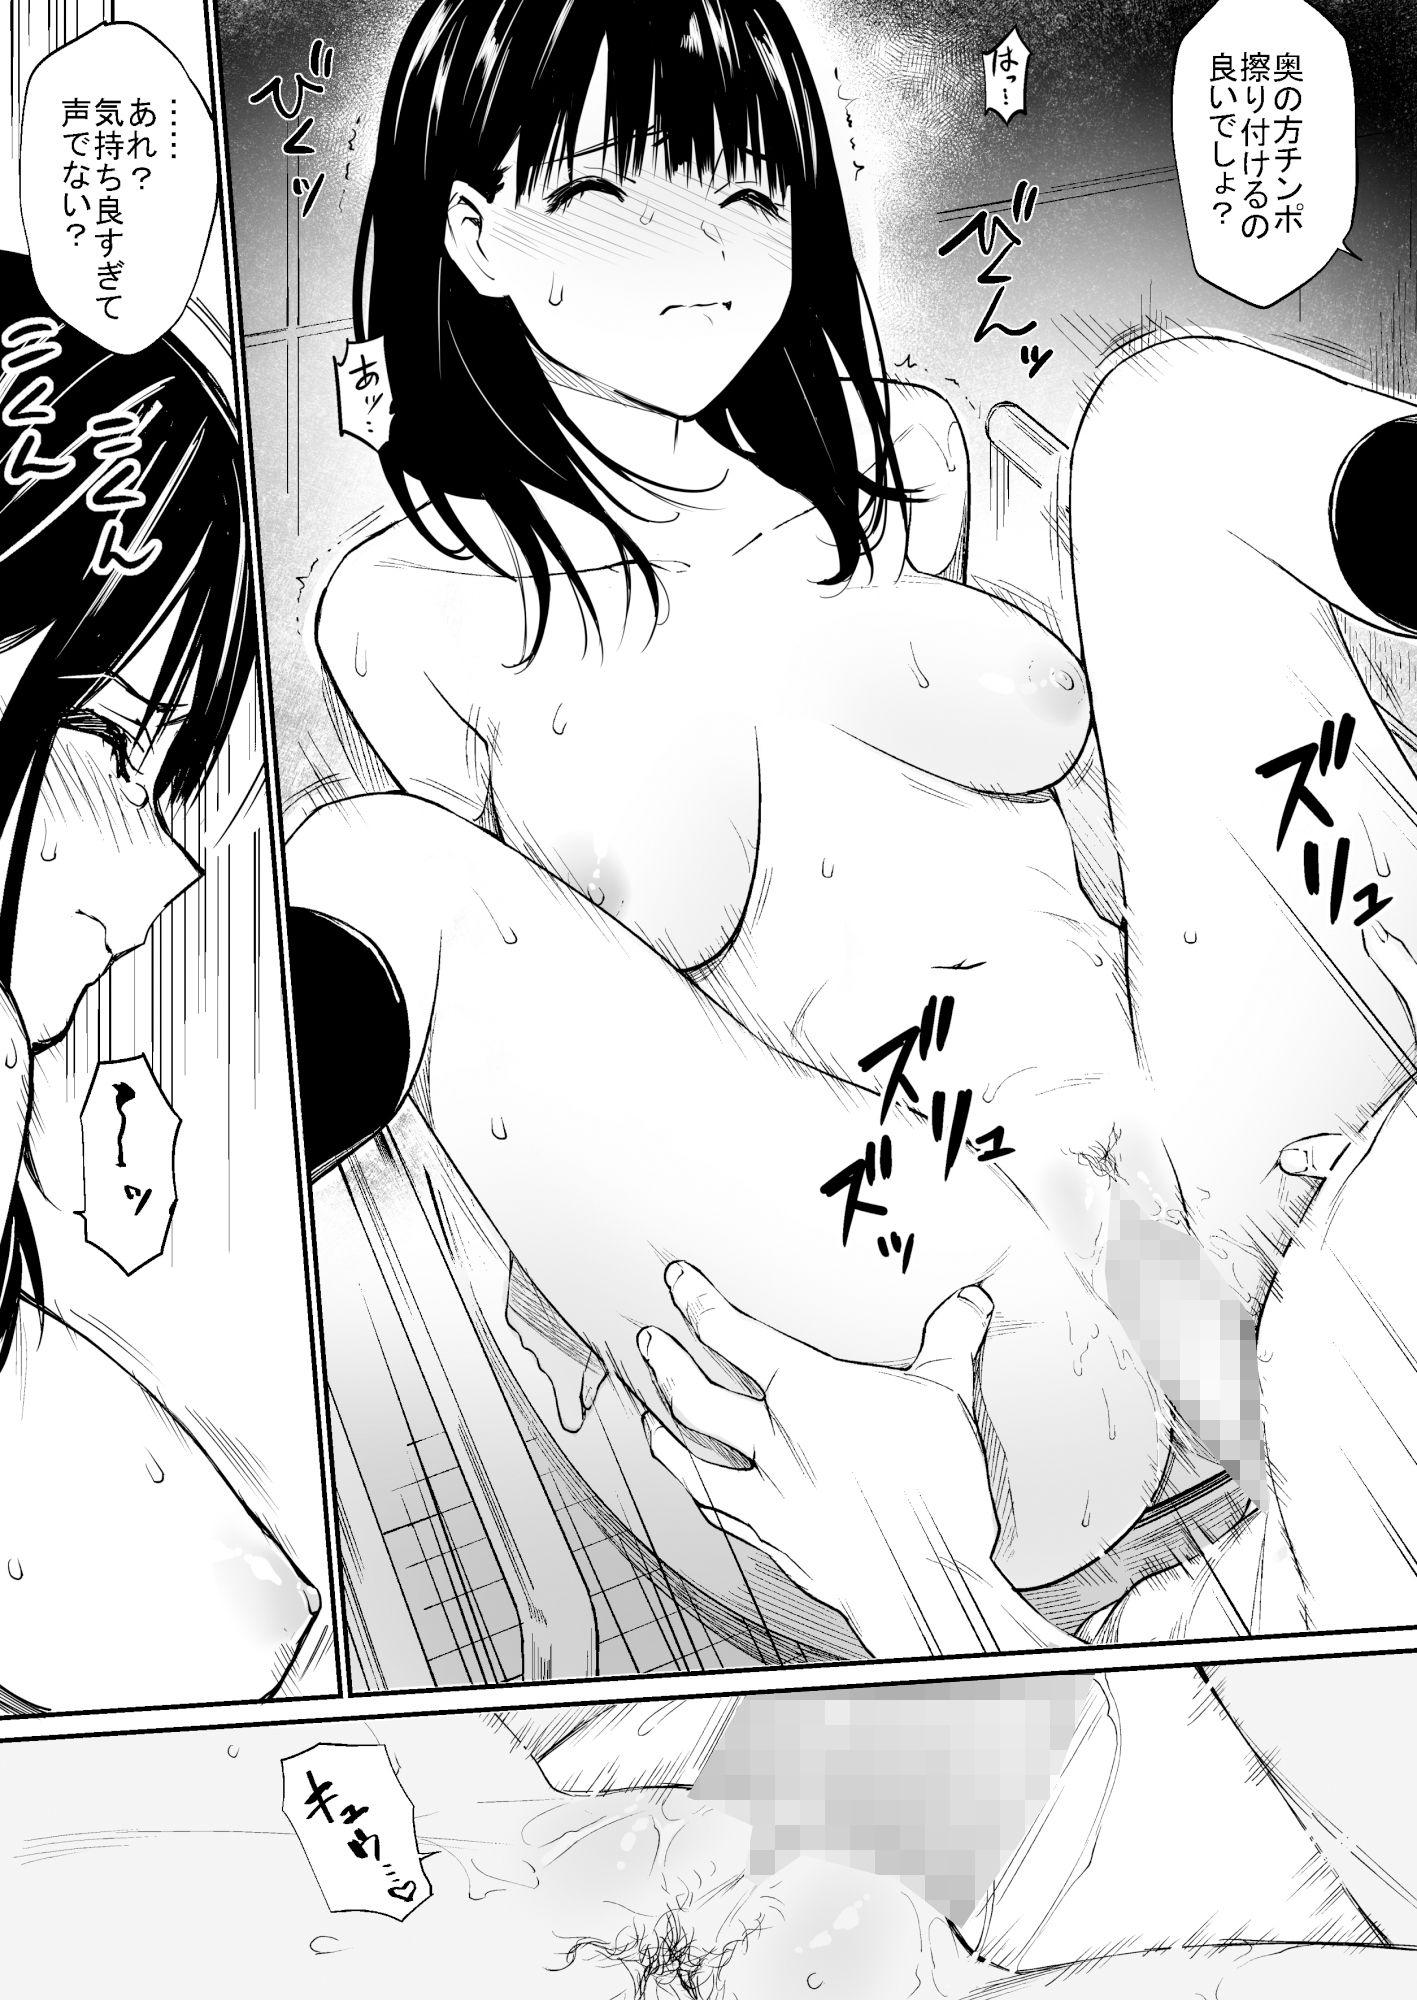 【エロ漫画無料大全集】性に興味のある年上好きの女子高生が、たまたま声をかけたおっさんといきなりエッチ!?